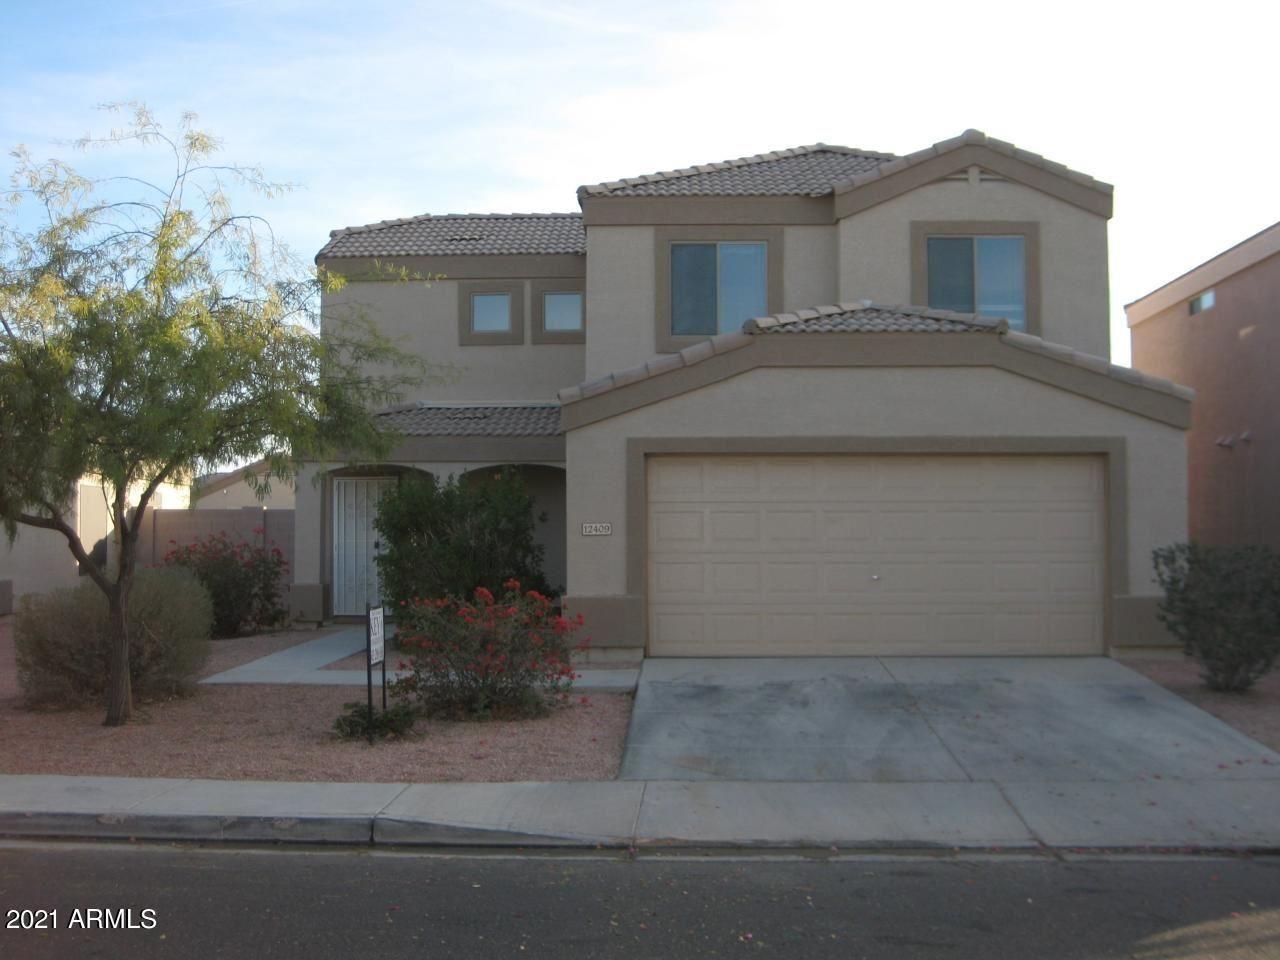 Photo of 12409 W SWEETWATER Avenue, El Mirage, AZ 85335 (MLS # 6199914)